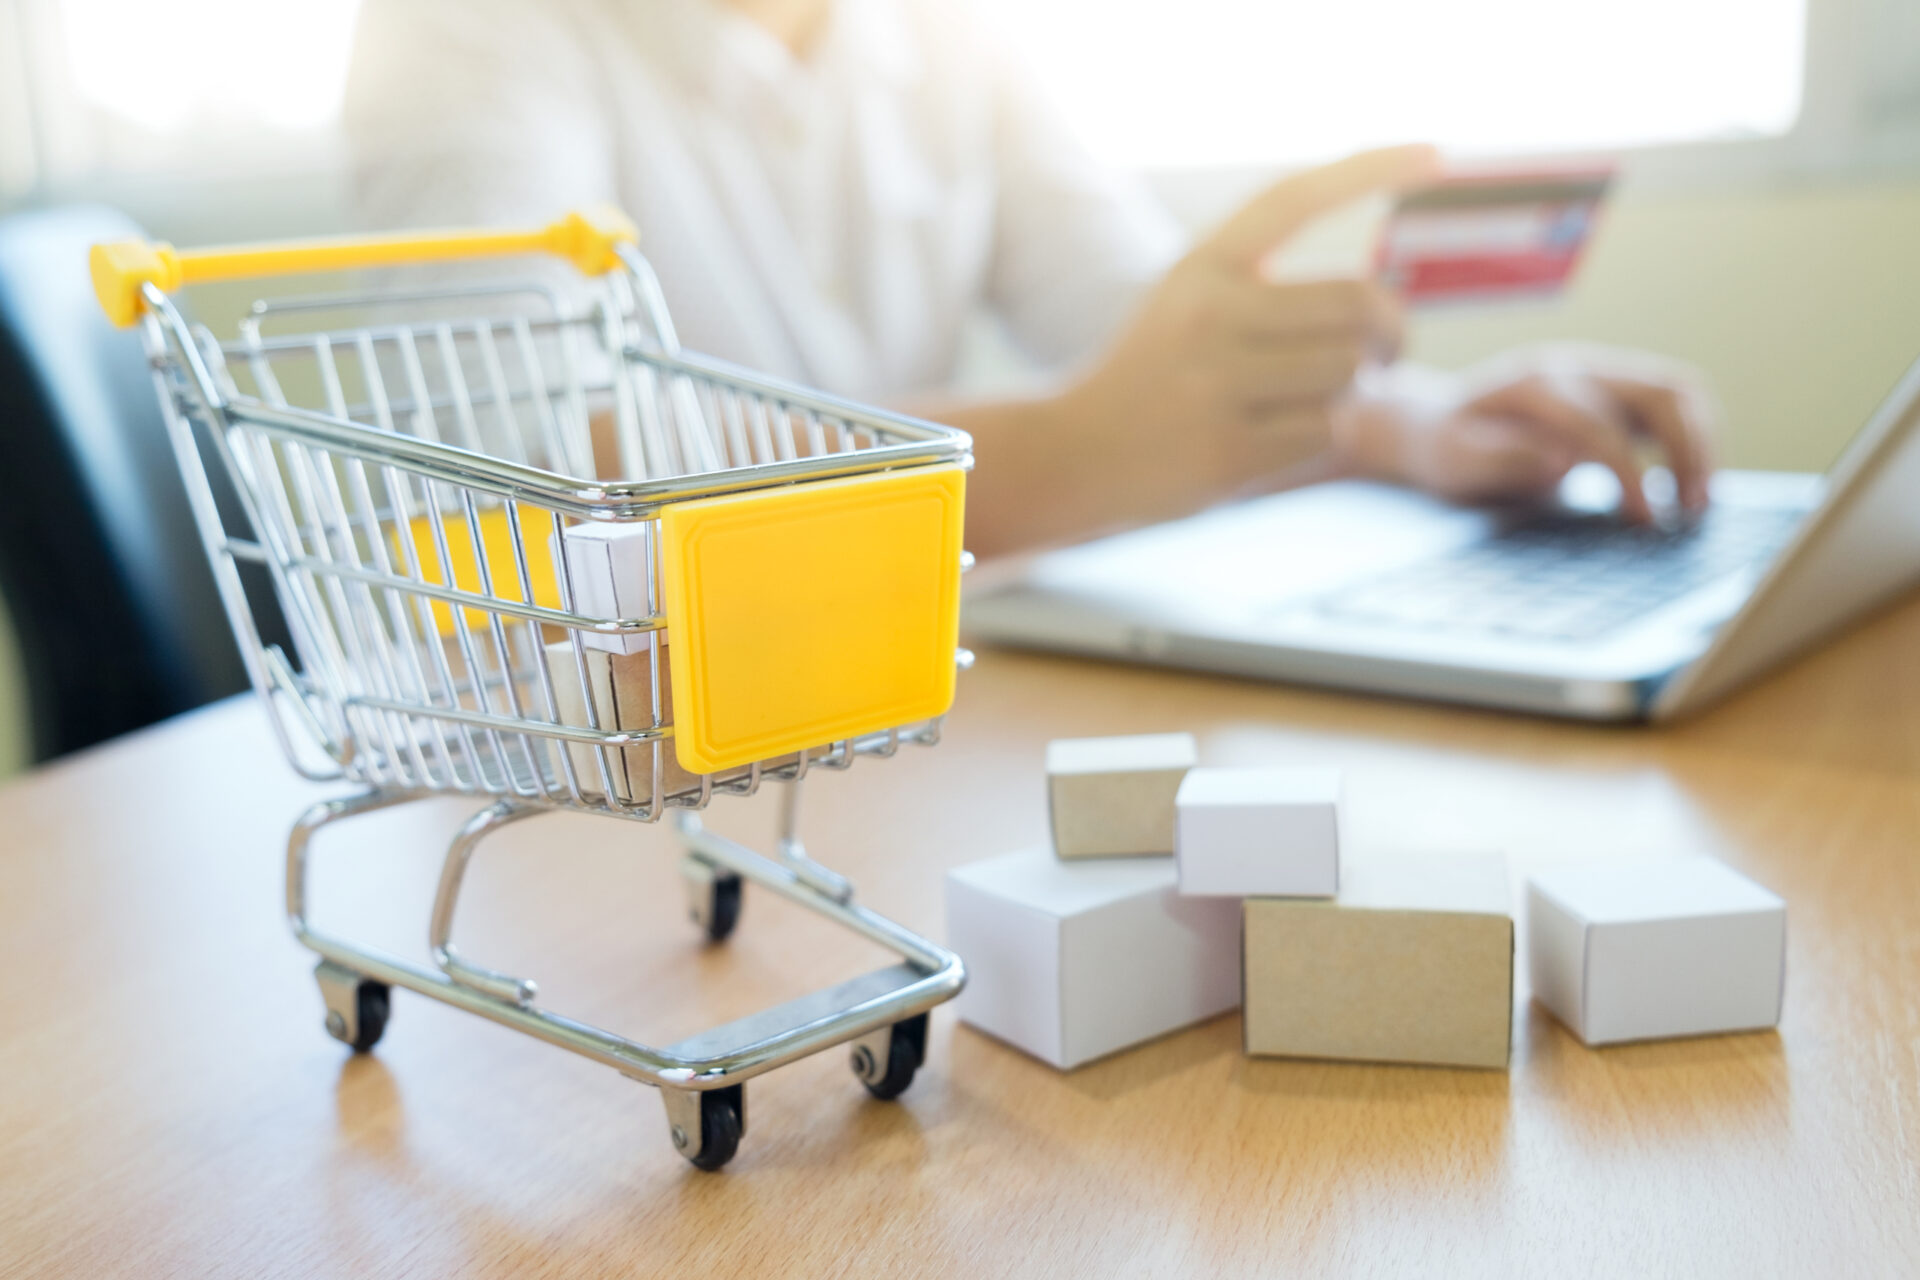 sécurité des produits achat en chine